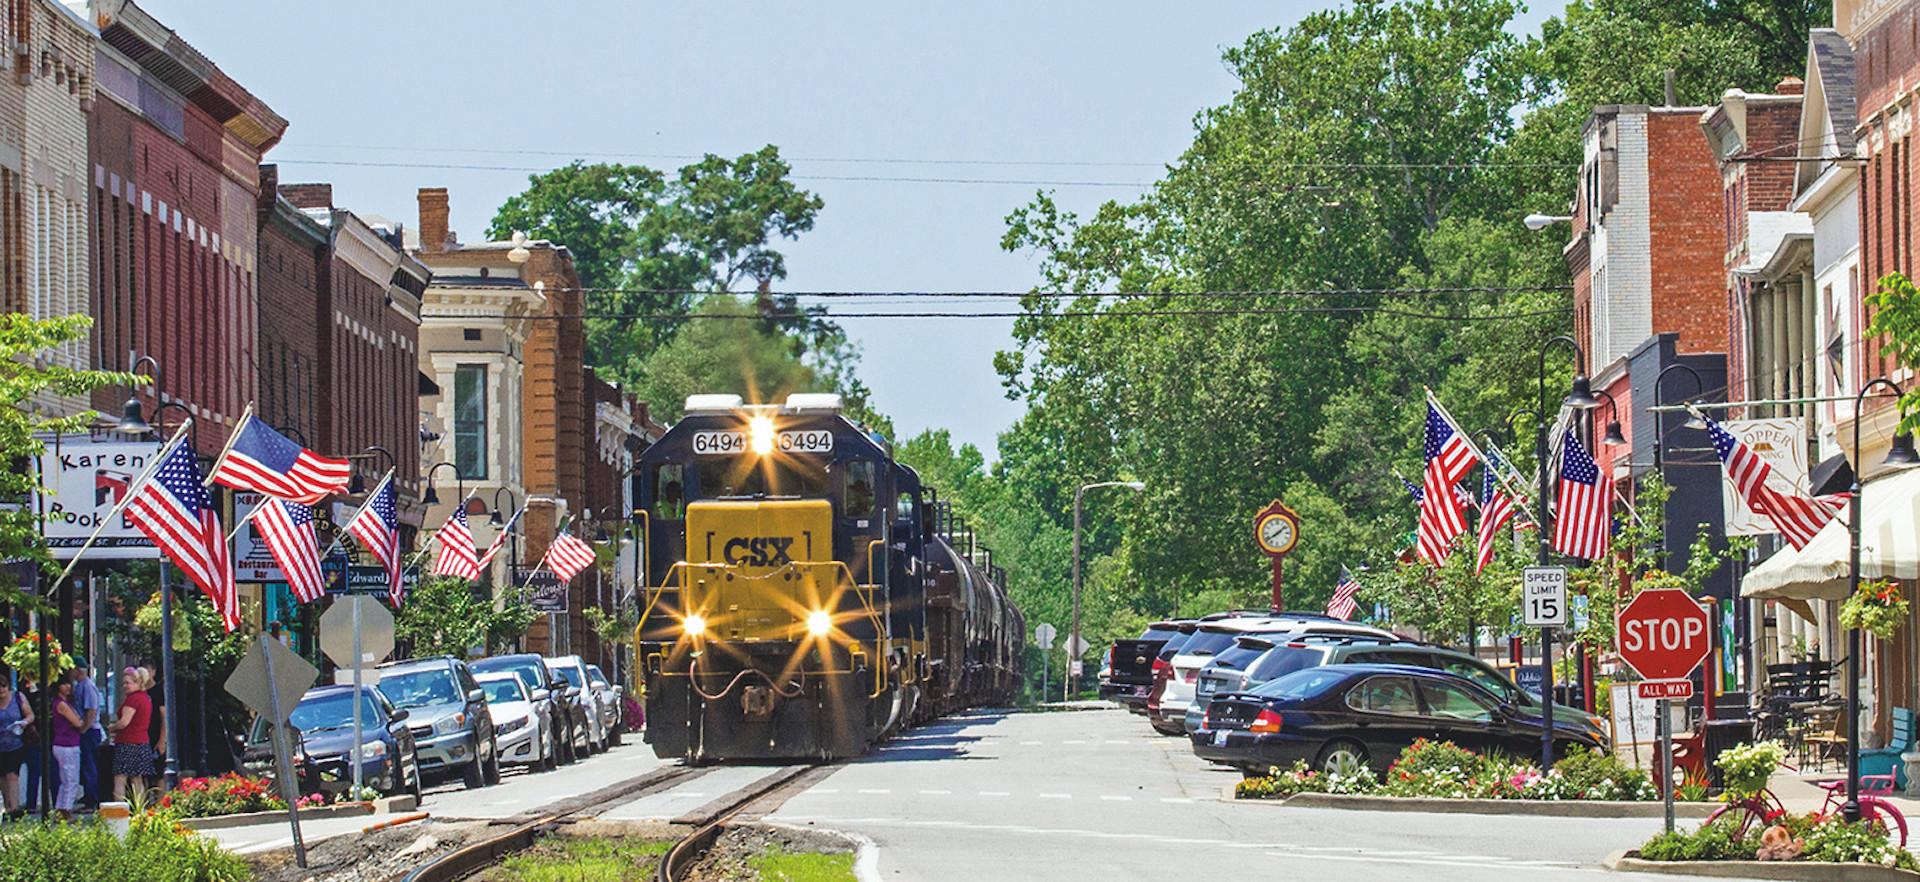 Train in Downtown La Grange, Kentucky